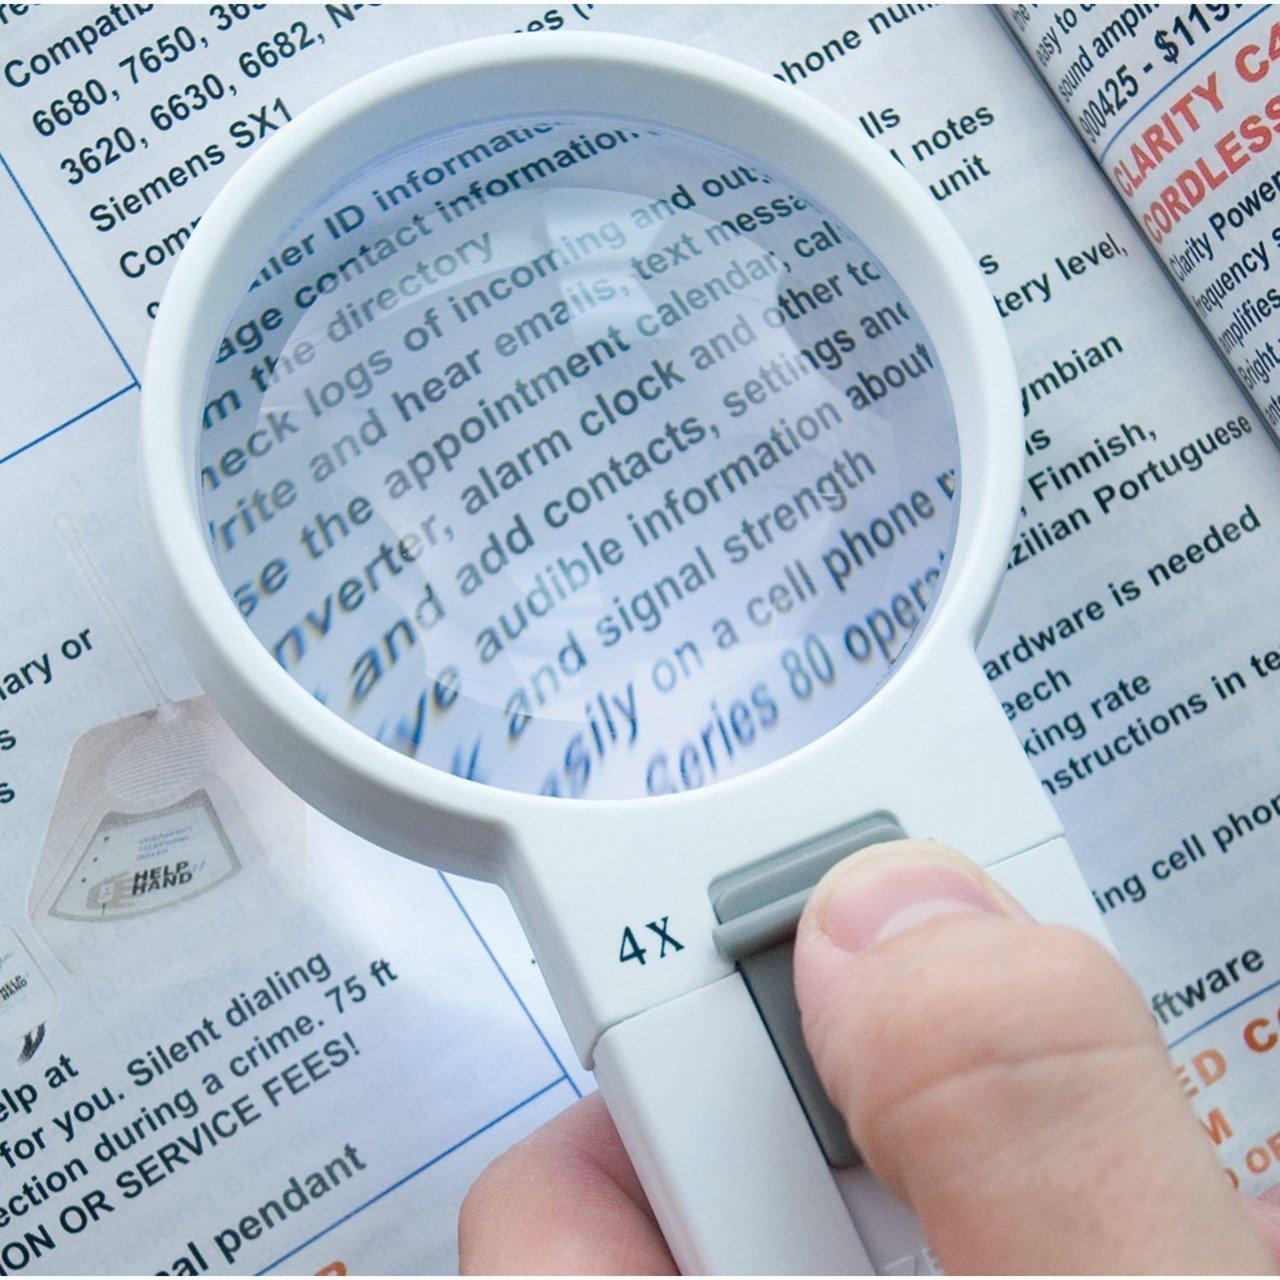 Lupa para lectura si se tiene dificultad para ver la letra pequeña